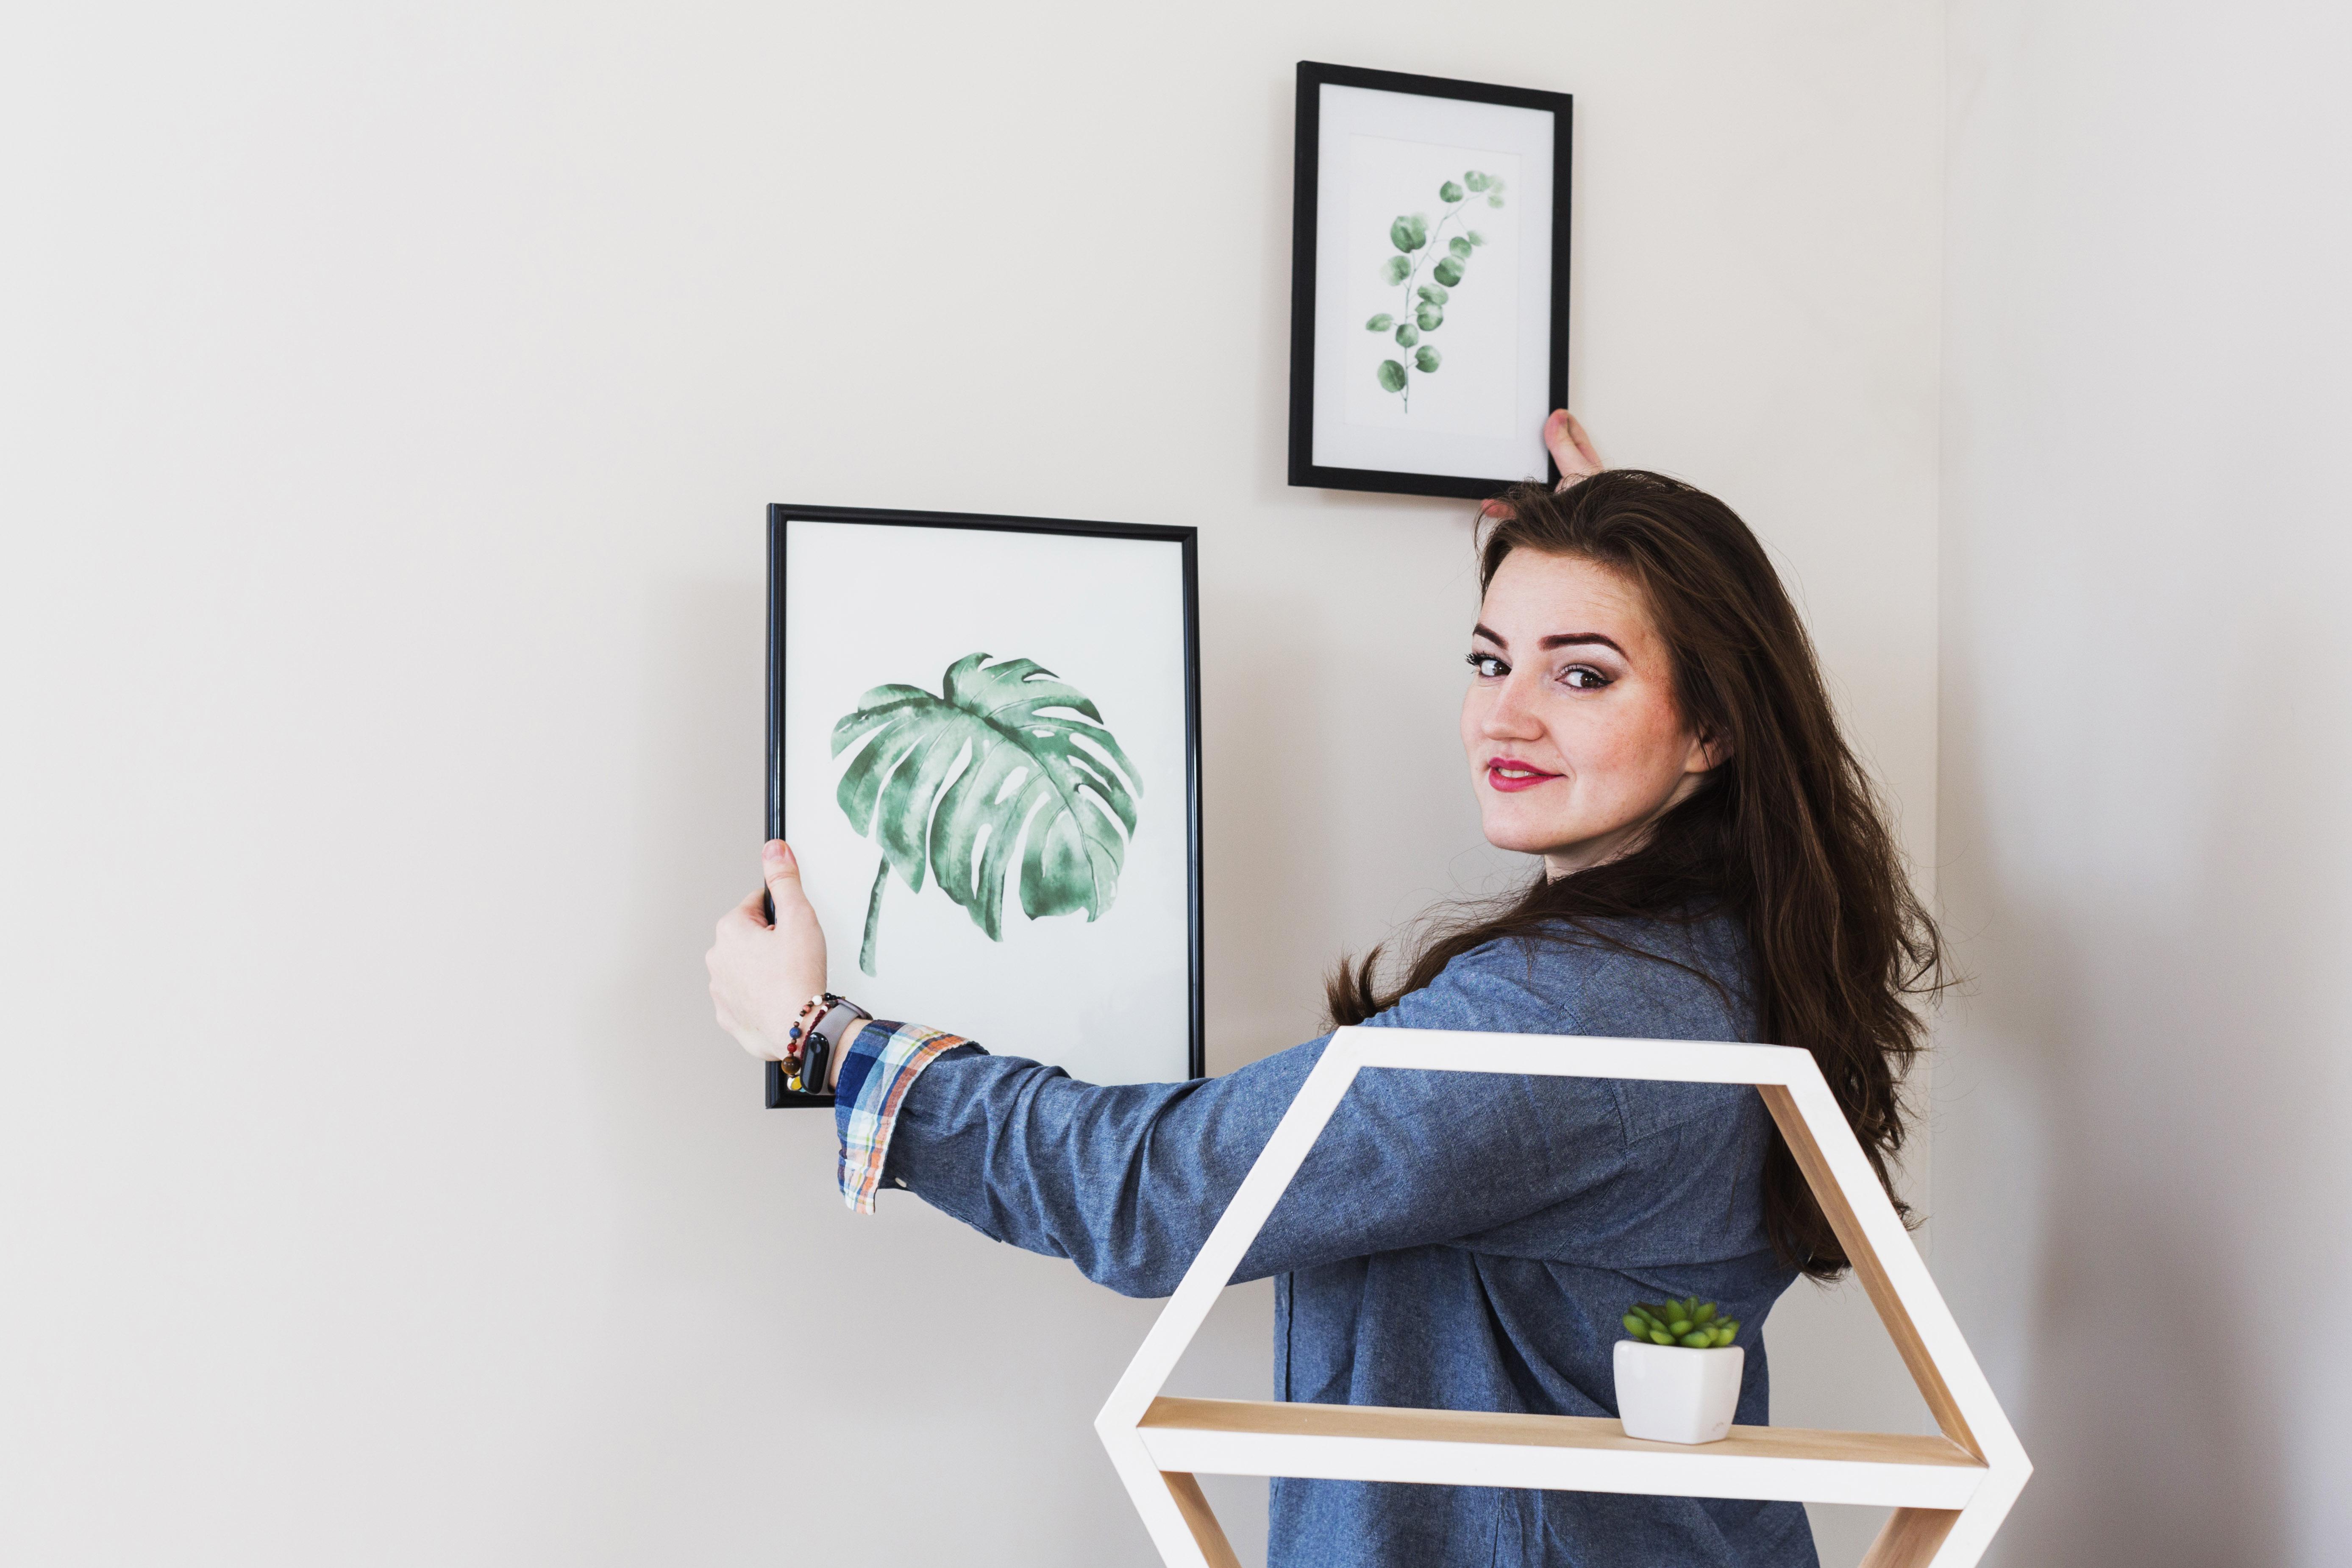 cô gái treo tranh trên tường